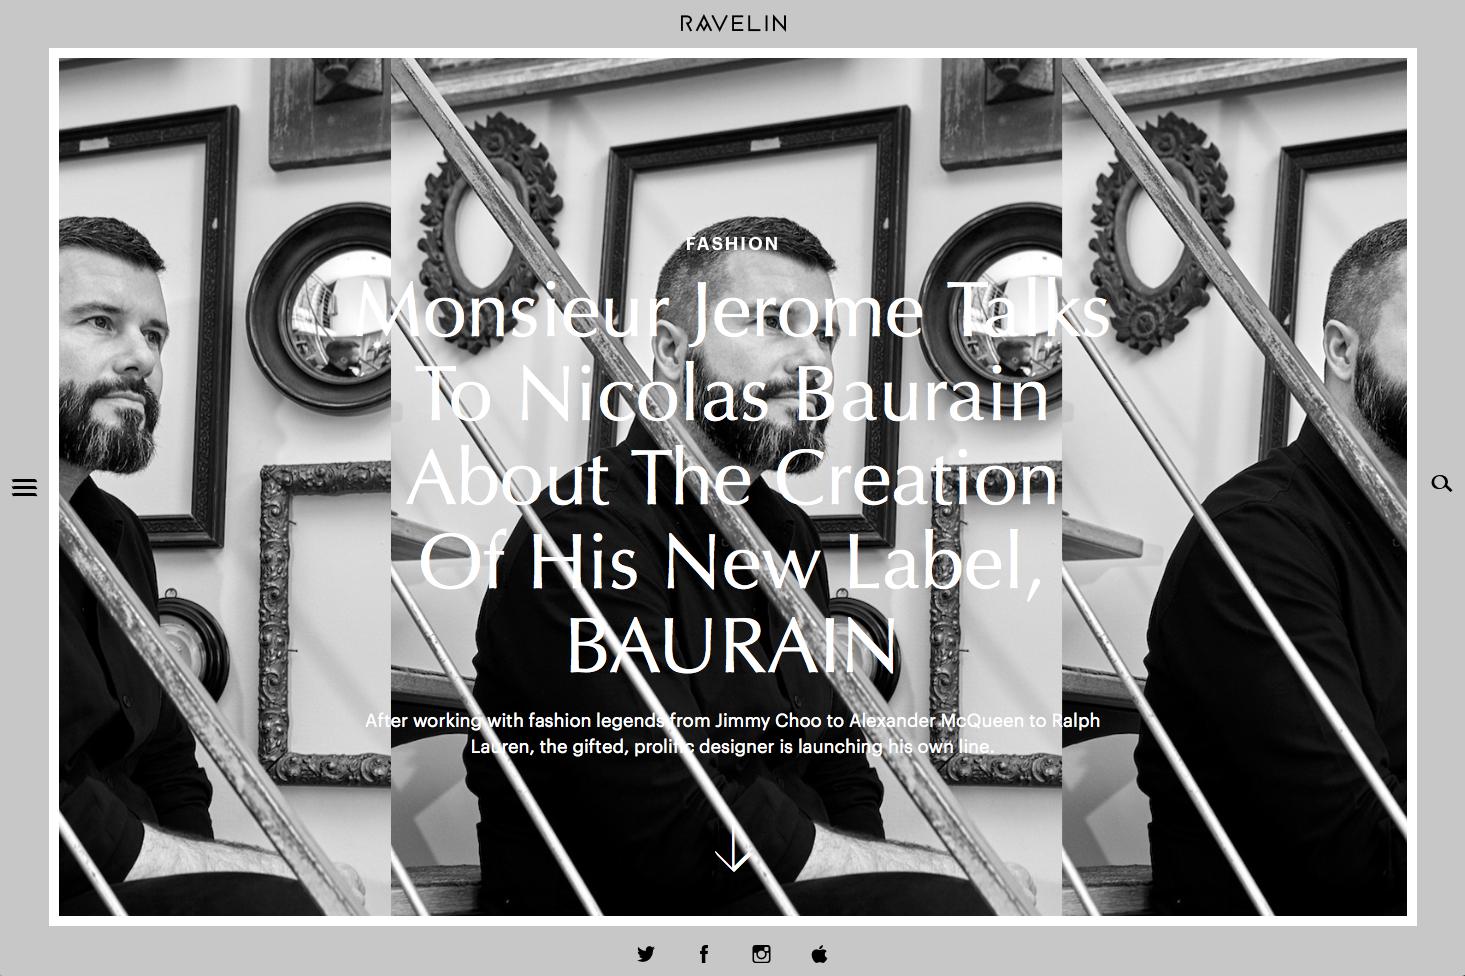 BAURAIN - Raveline Magazine May 2017